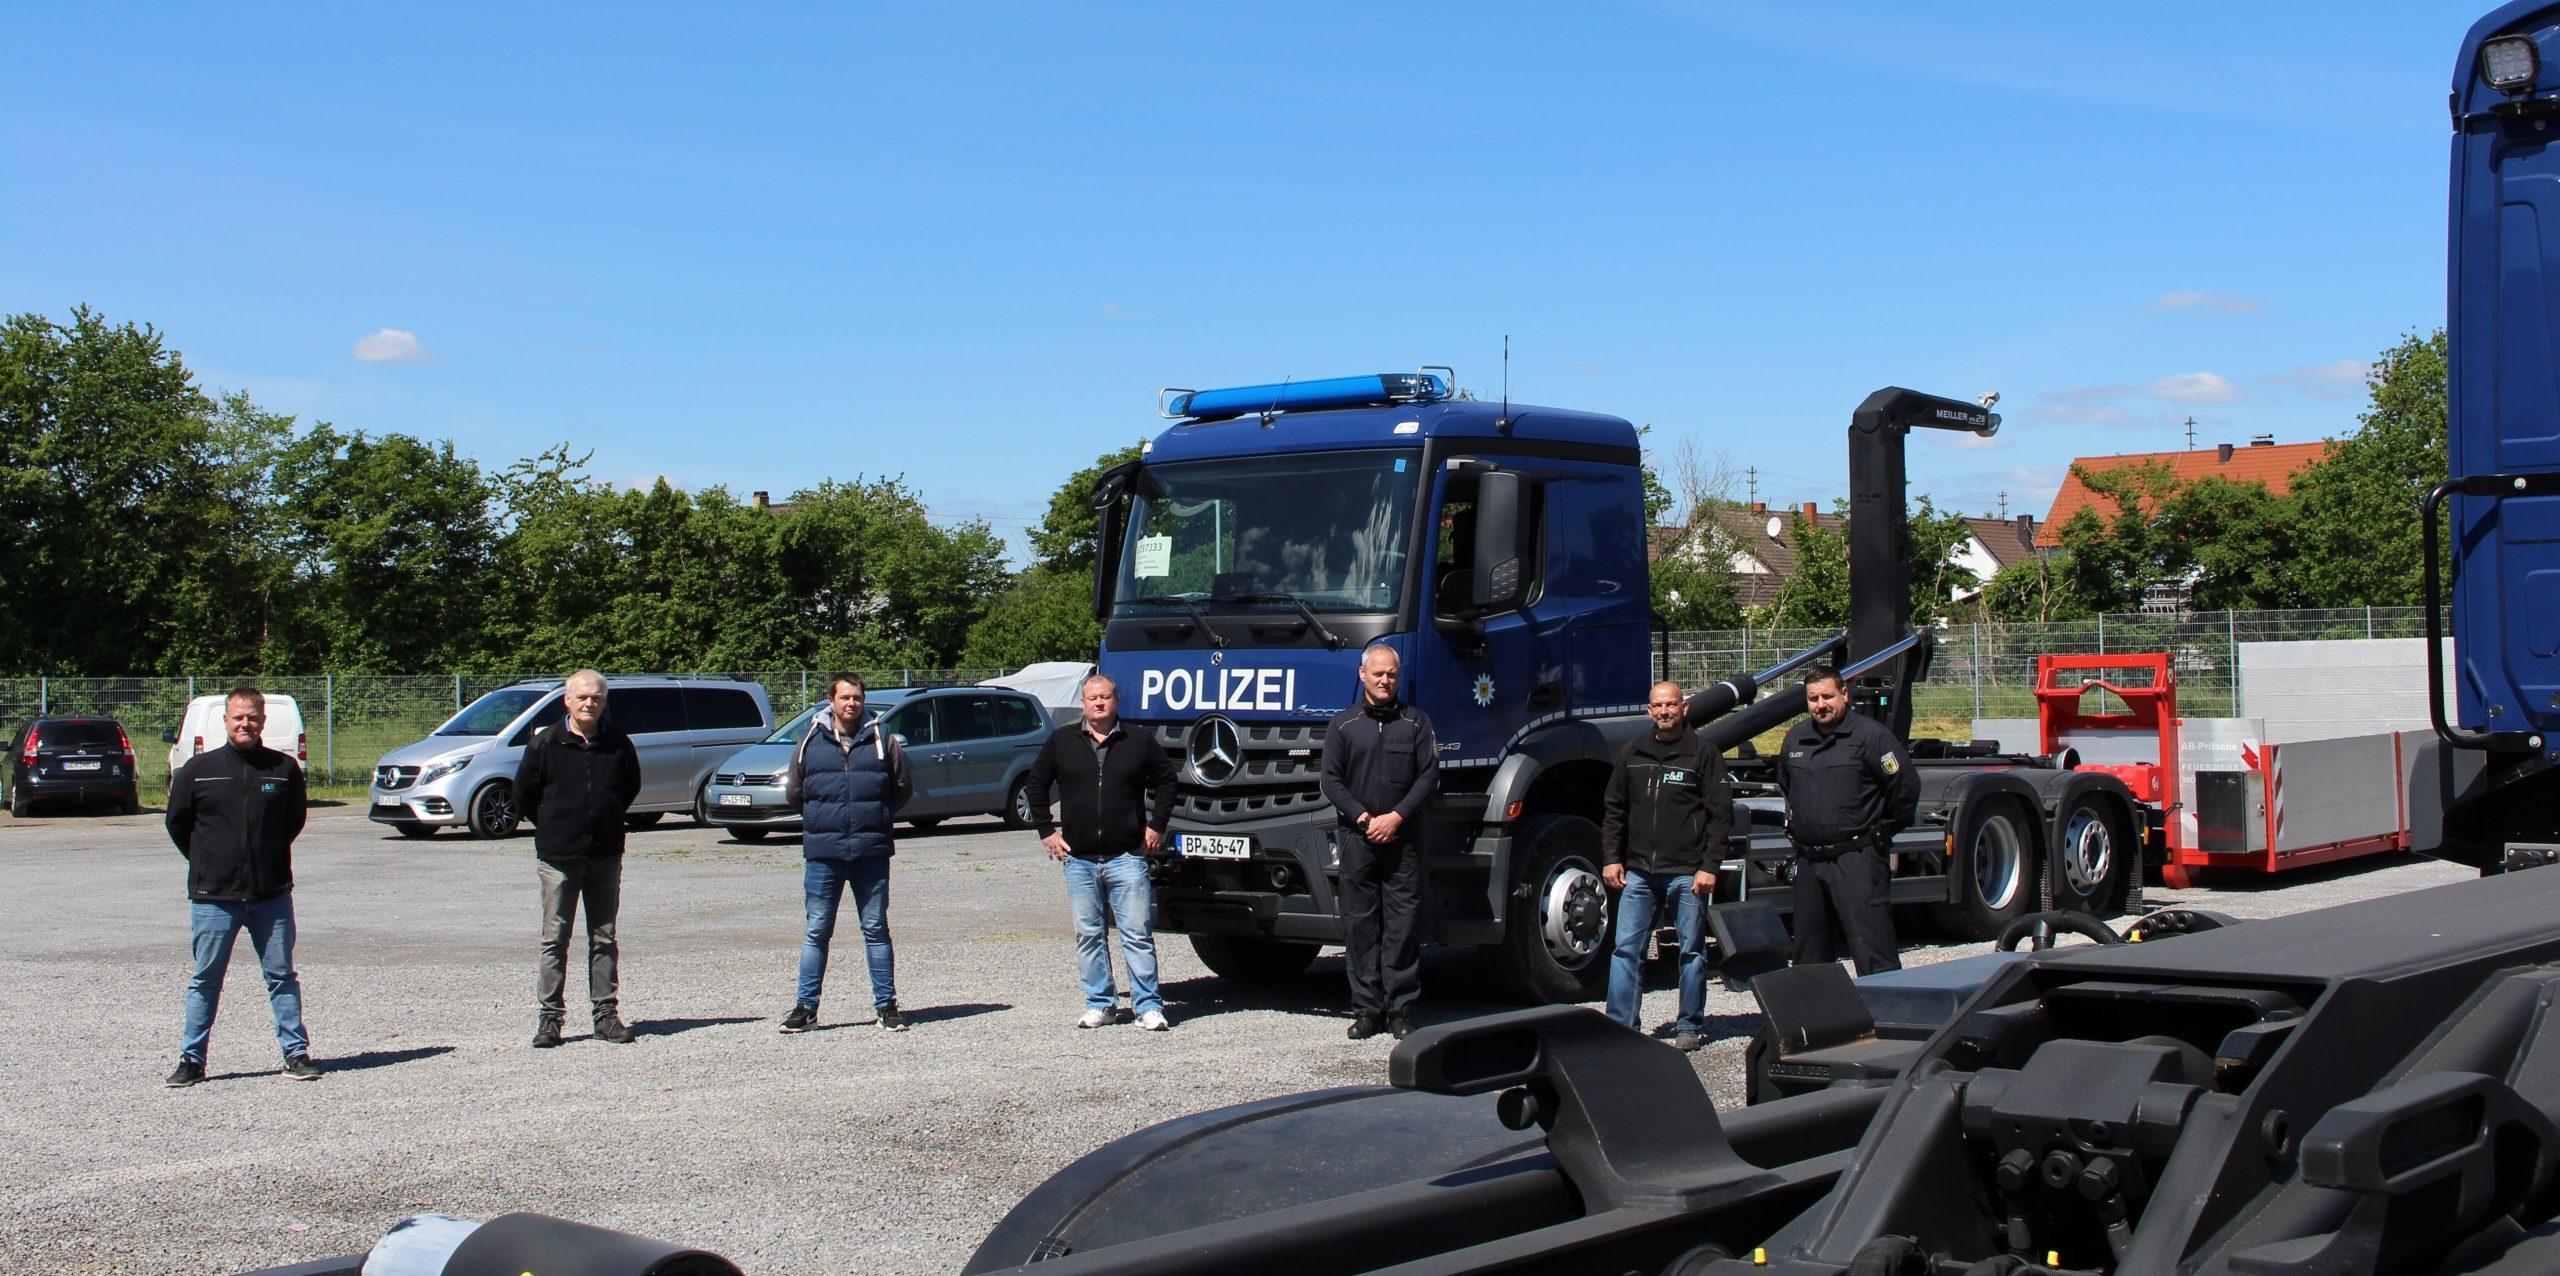 Polizei Kassel und Ülzen